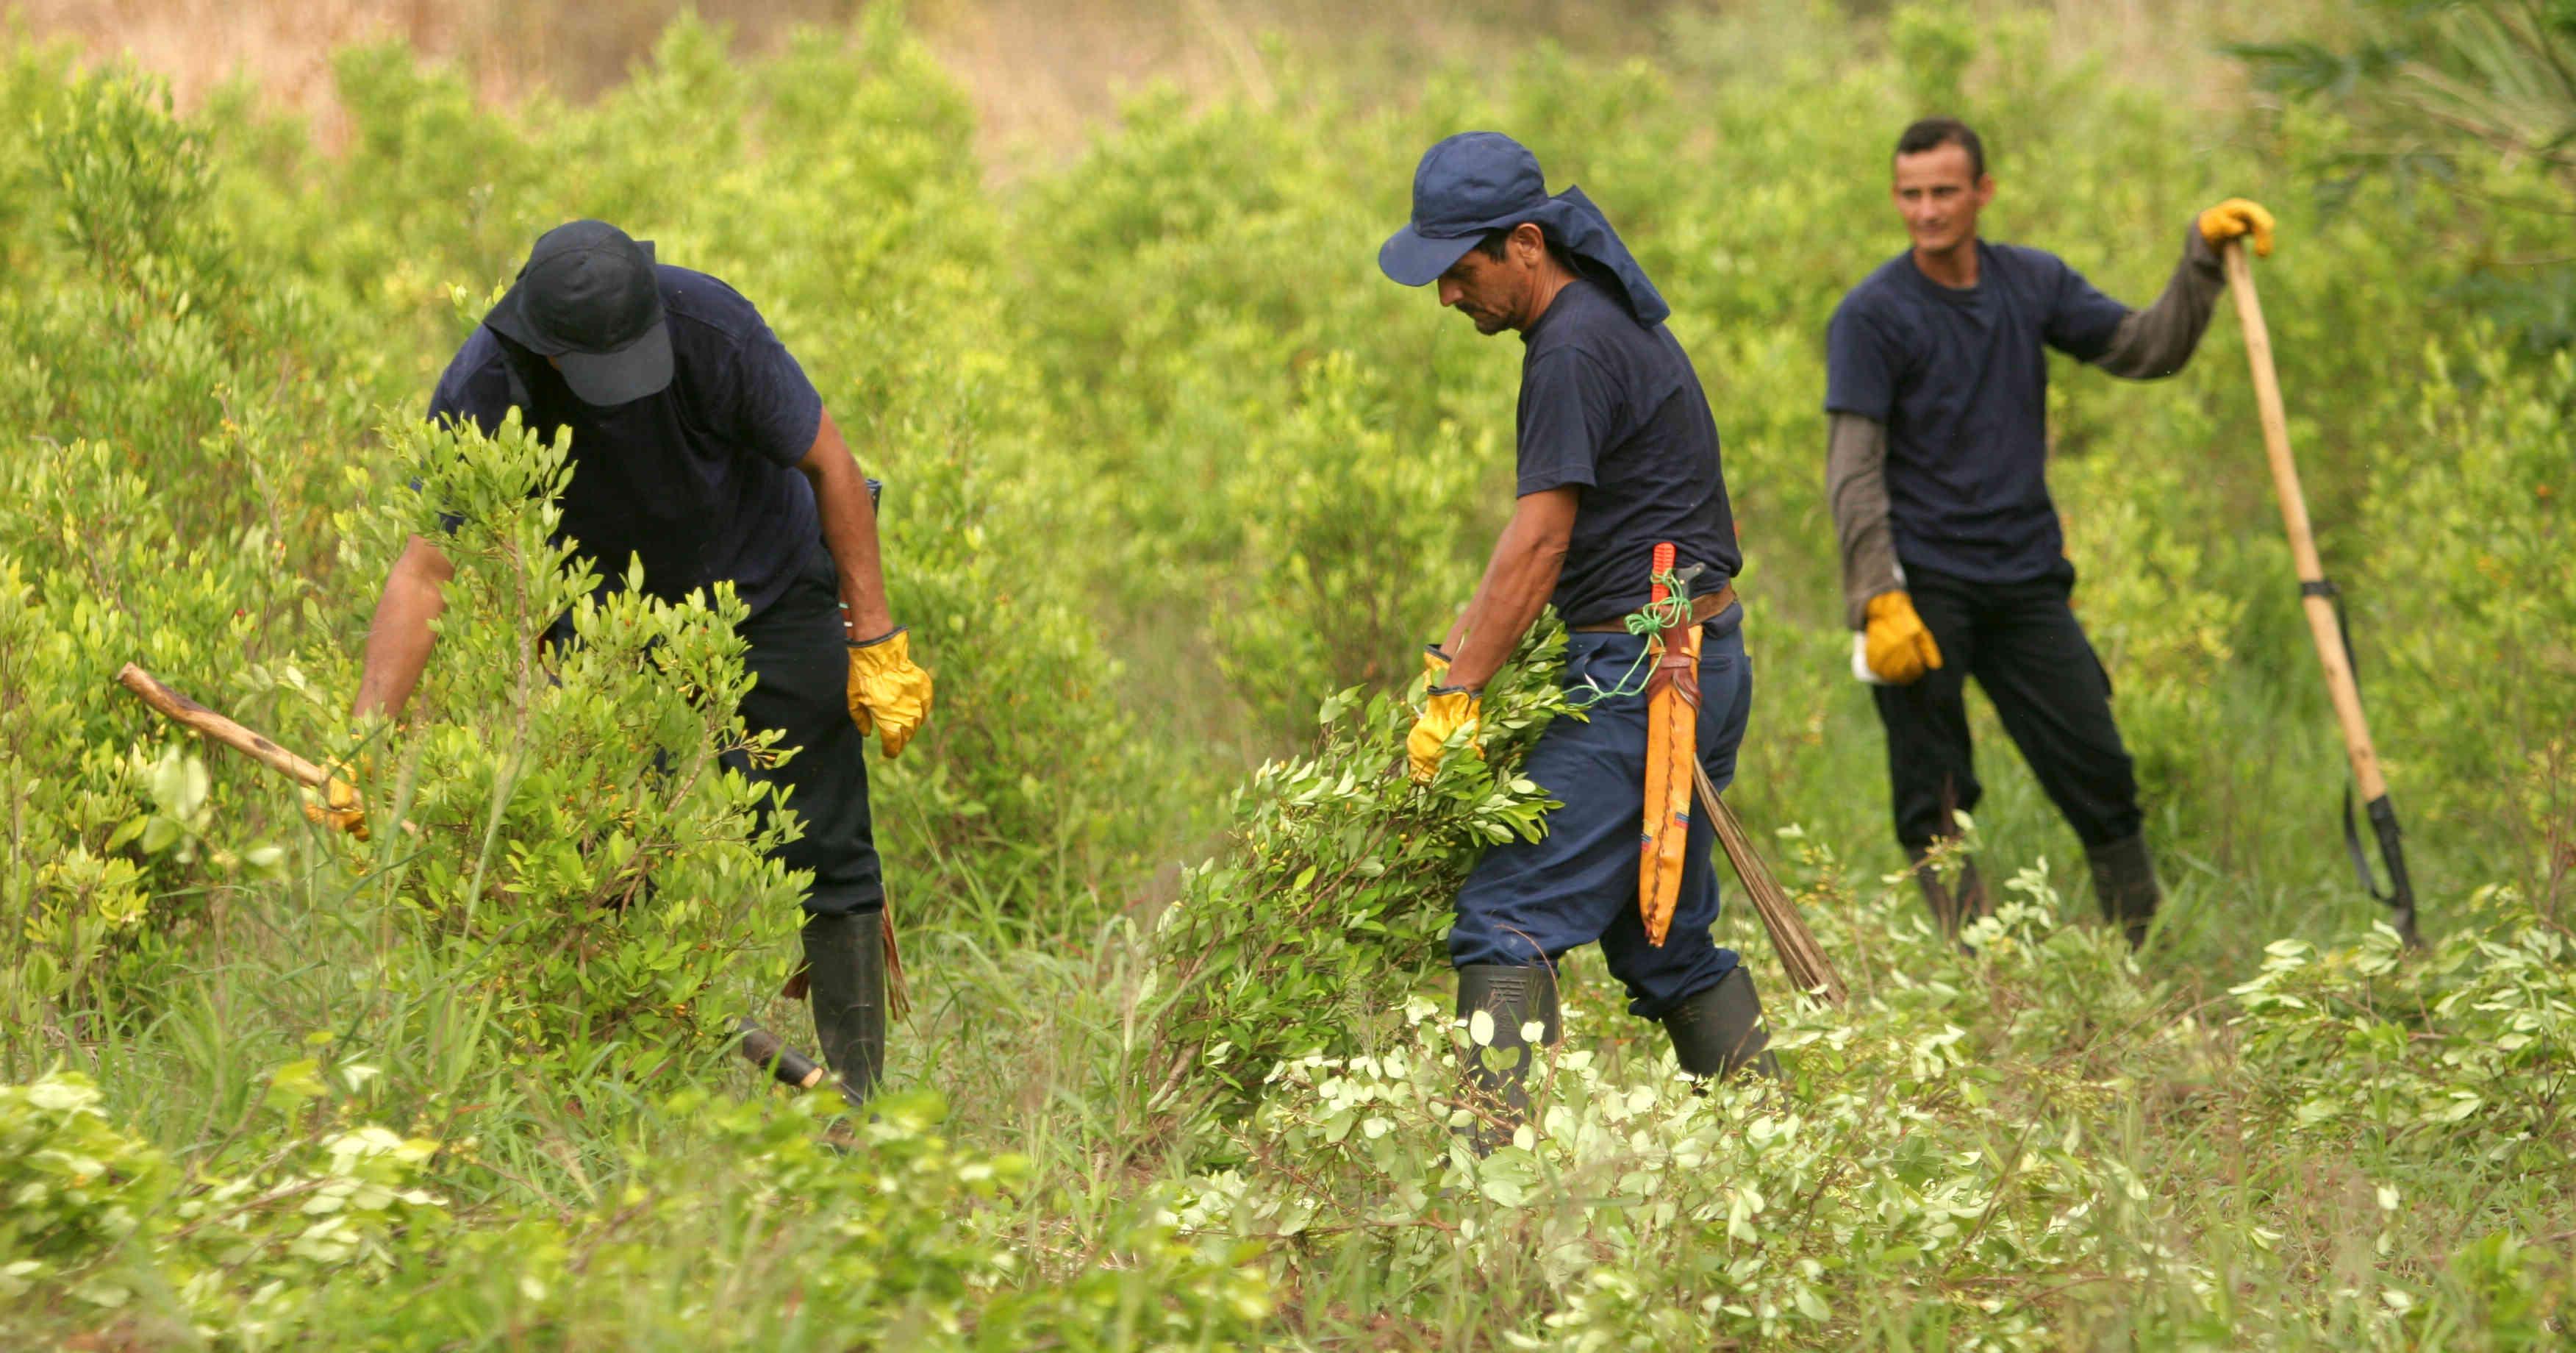 La falta de garantías para los campesinos eleva los cultivos ilícitos